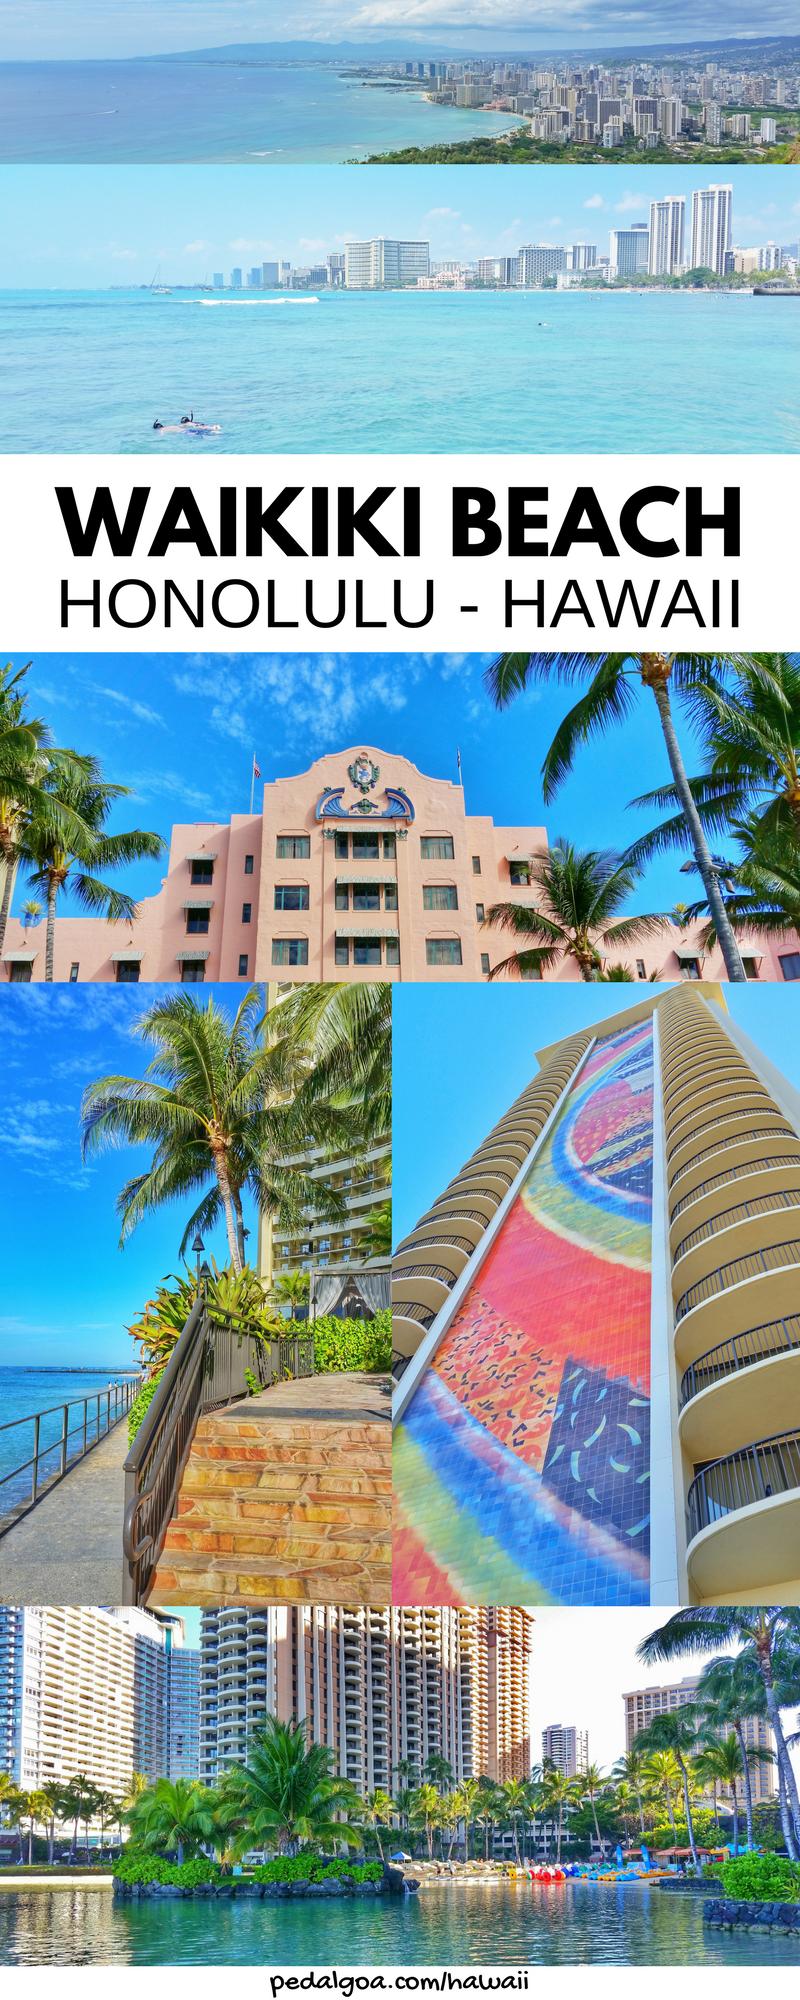 Waikiki Beach Hotels Map List Pink Royal Hawaiian Resort Sheraton Boardwalk